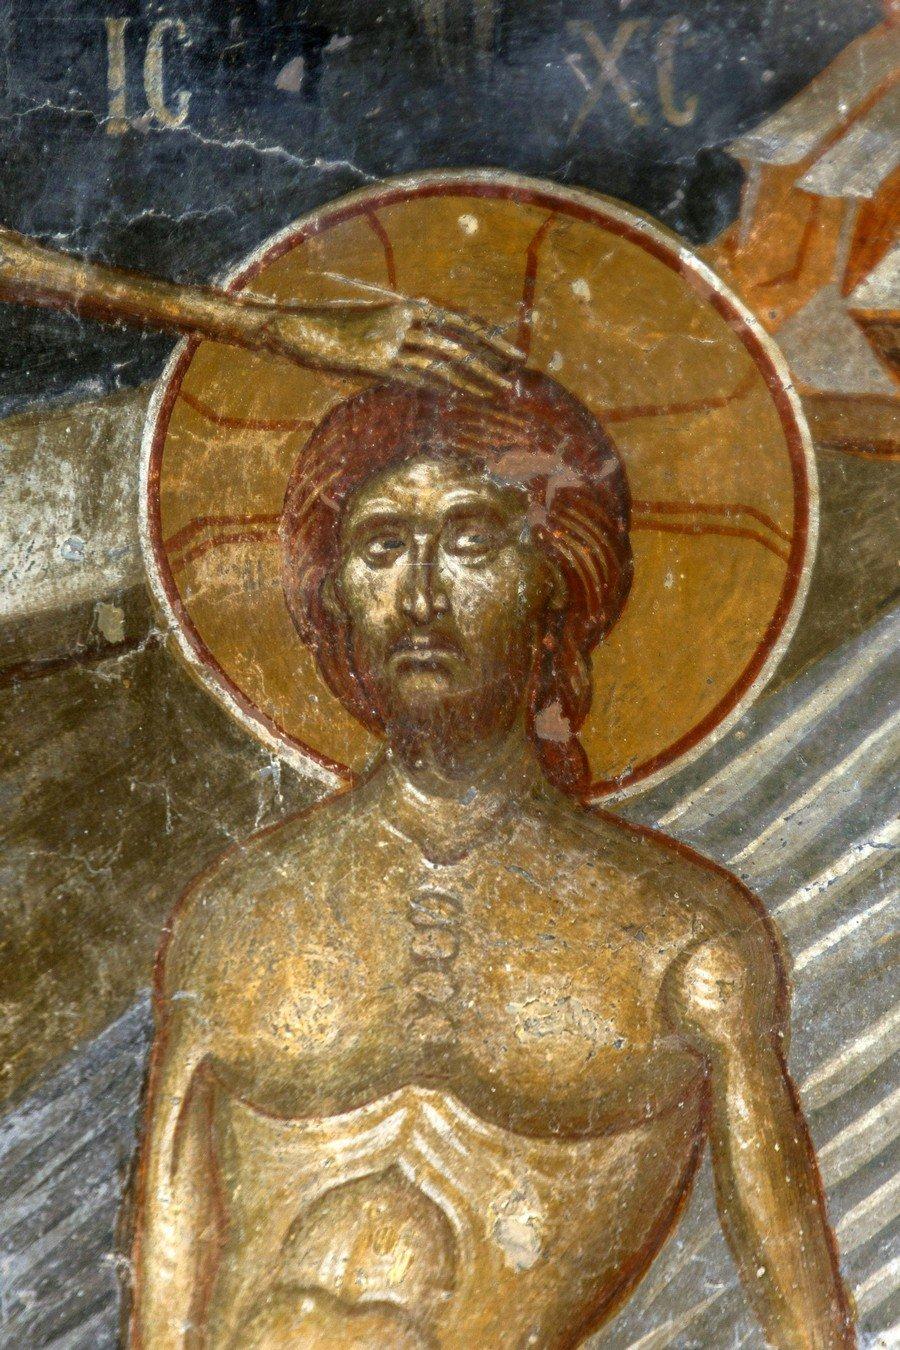 Крещение Господне. Фреска церкви Святого Афанасия ту Музаки в Кастории, Греция. 1383 - 1384 годы. Фрагмент.